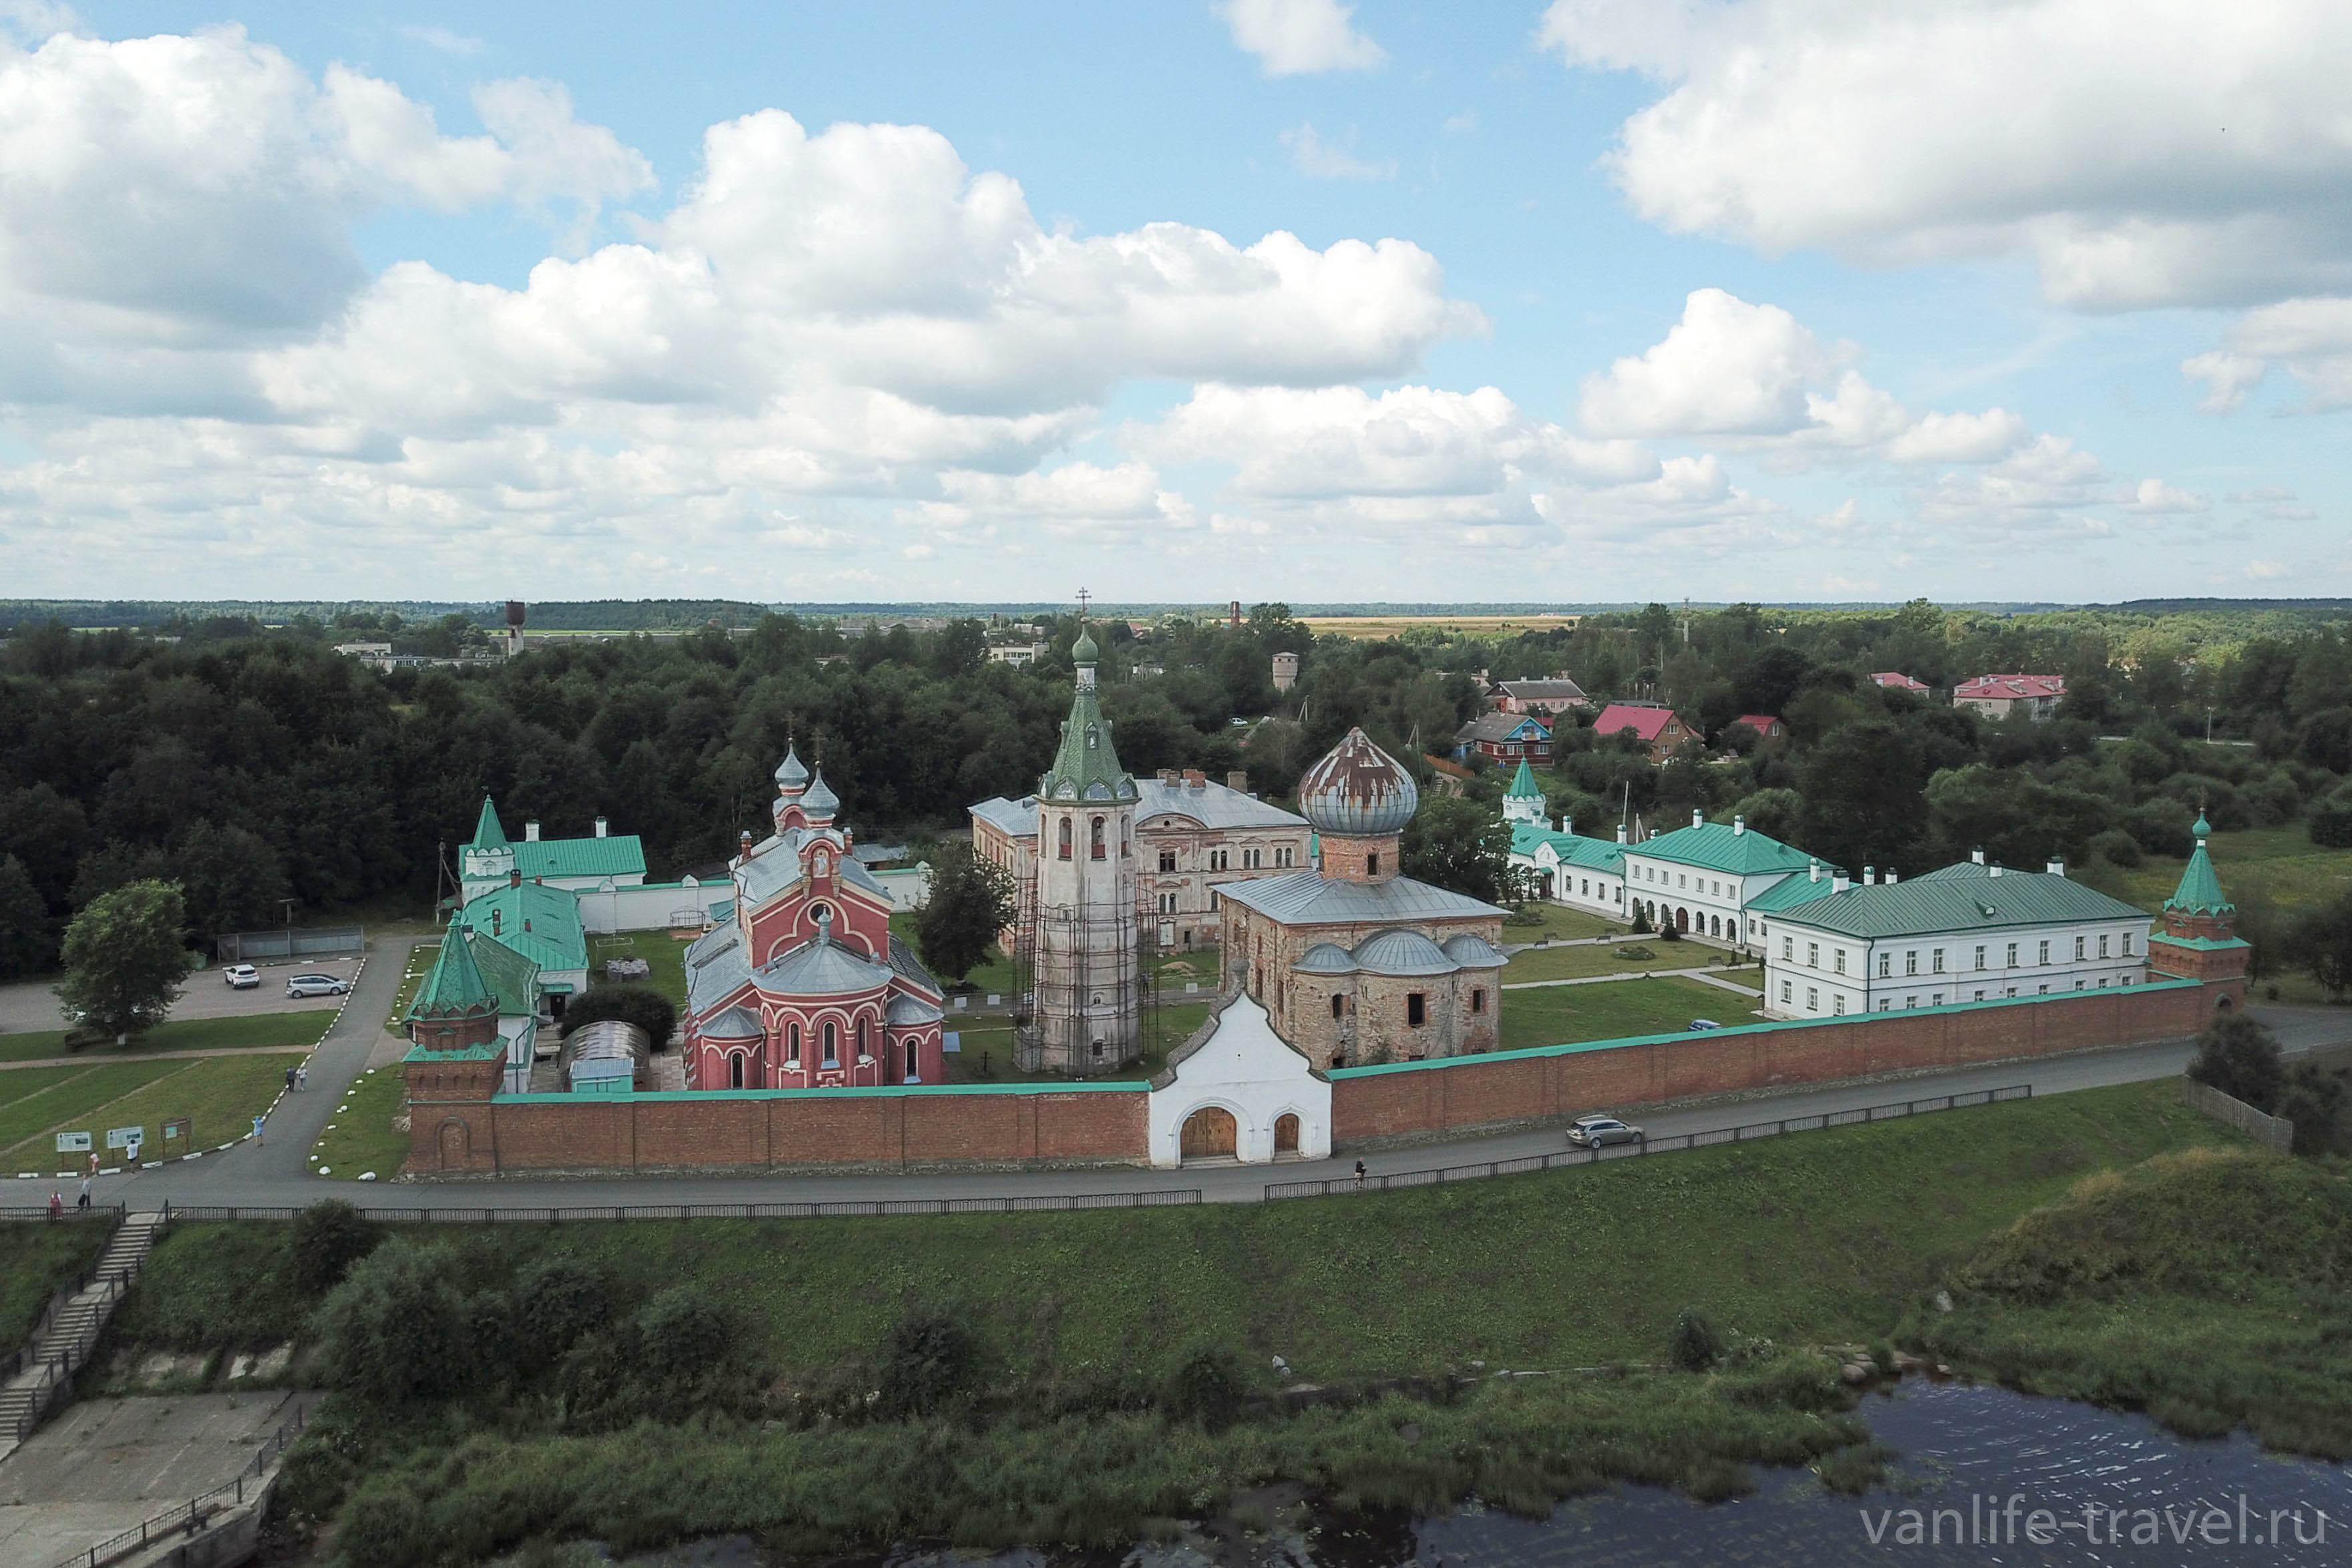 staroladozhskiy-nikolskij-monastyr